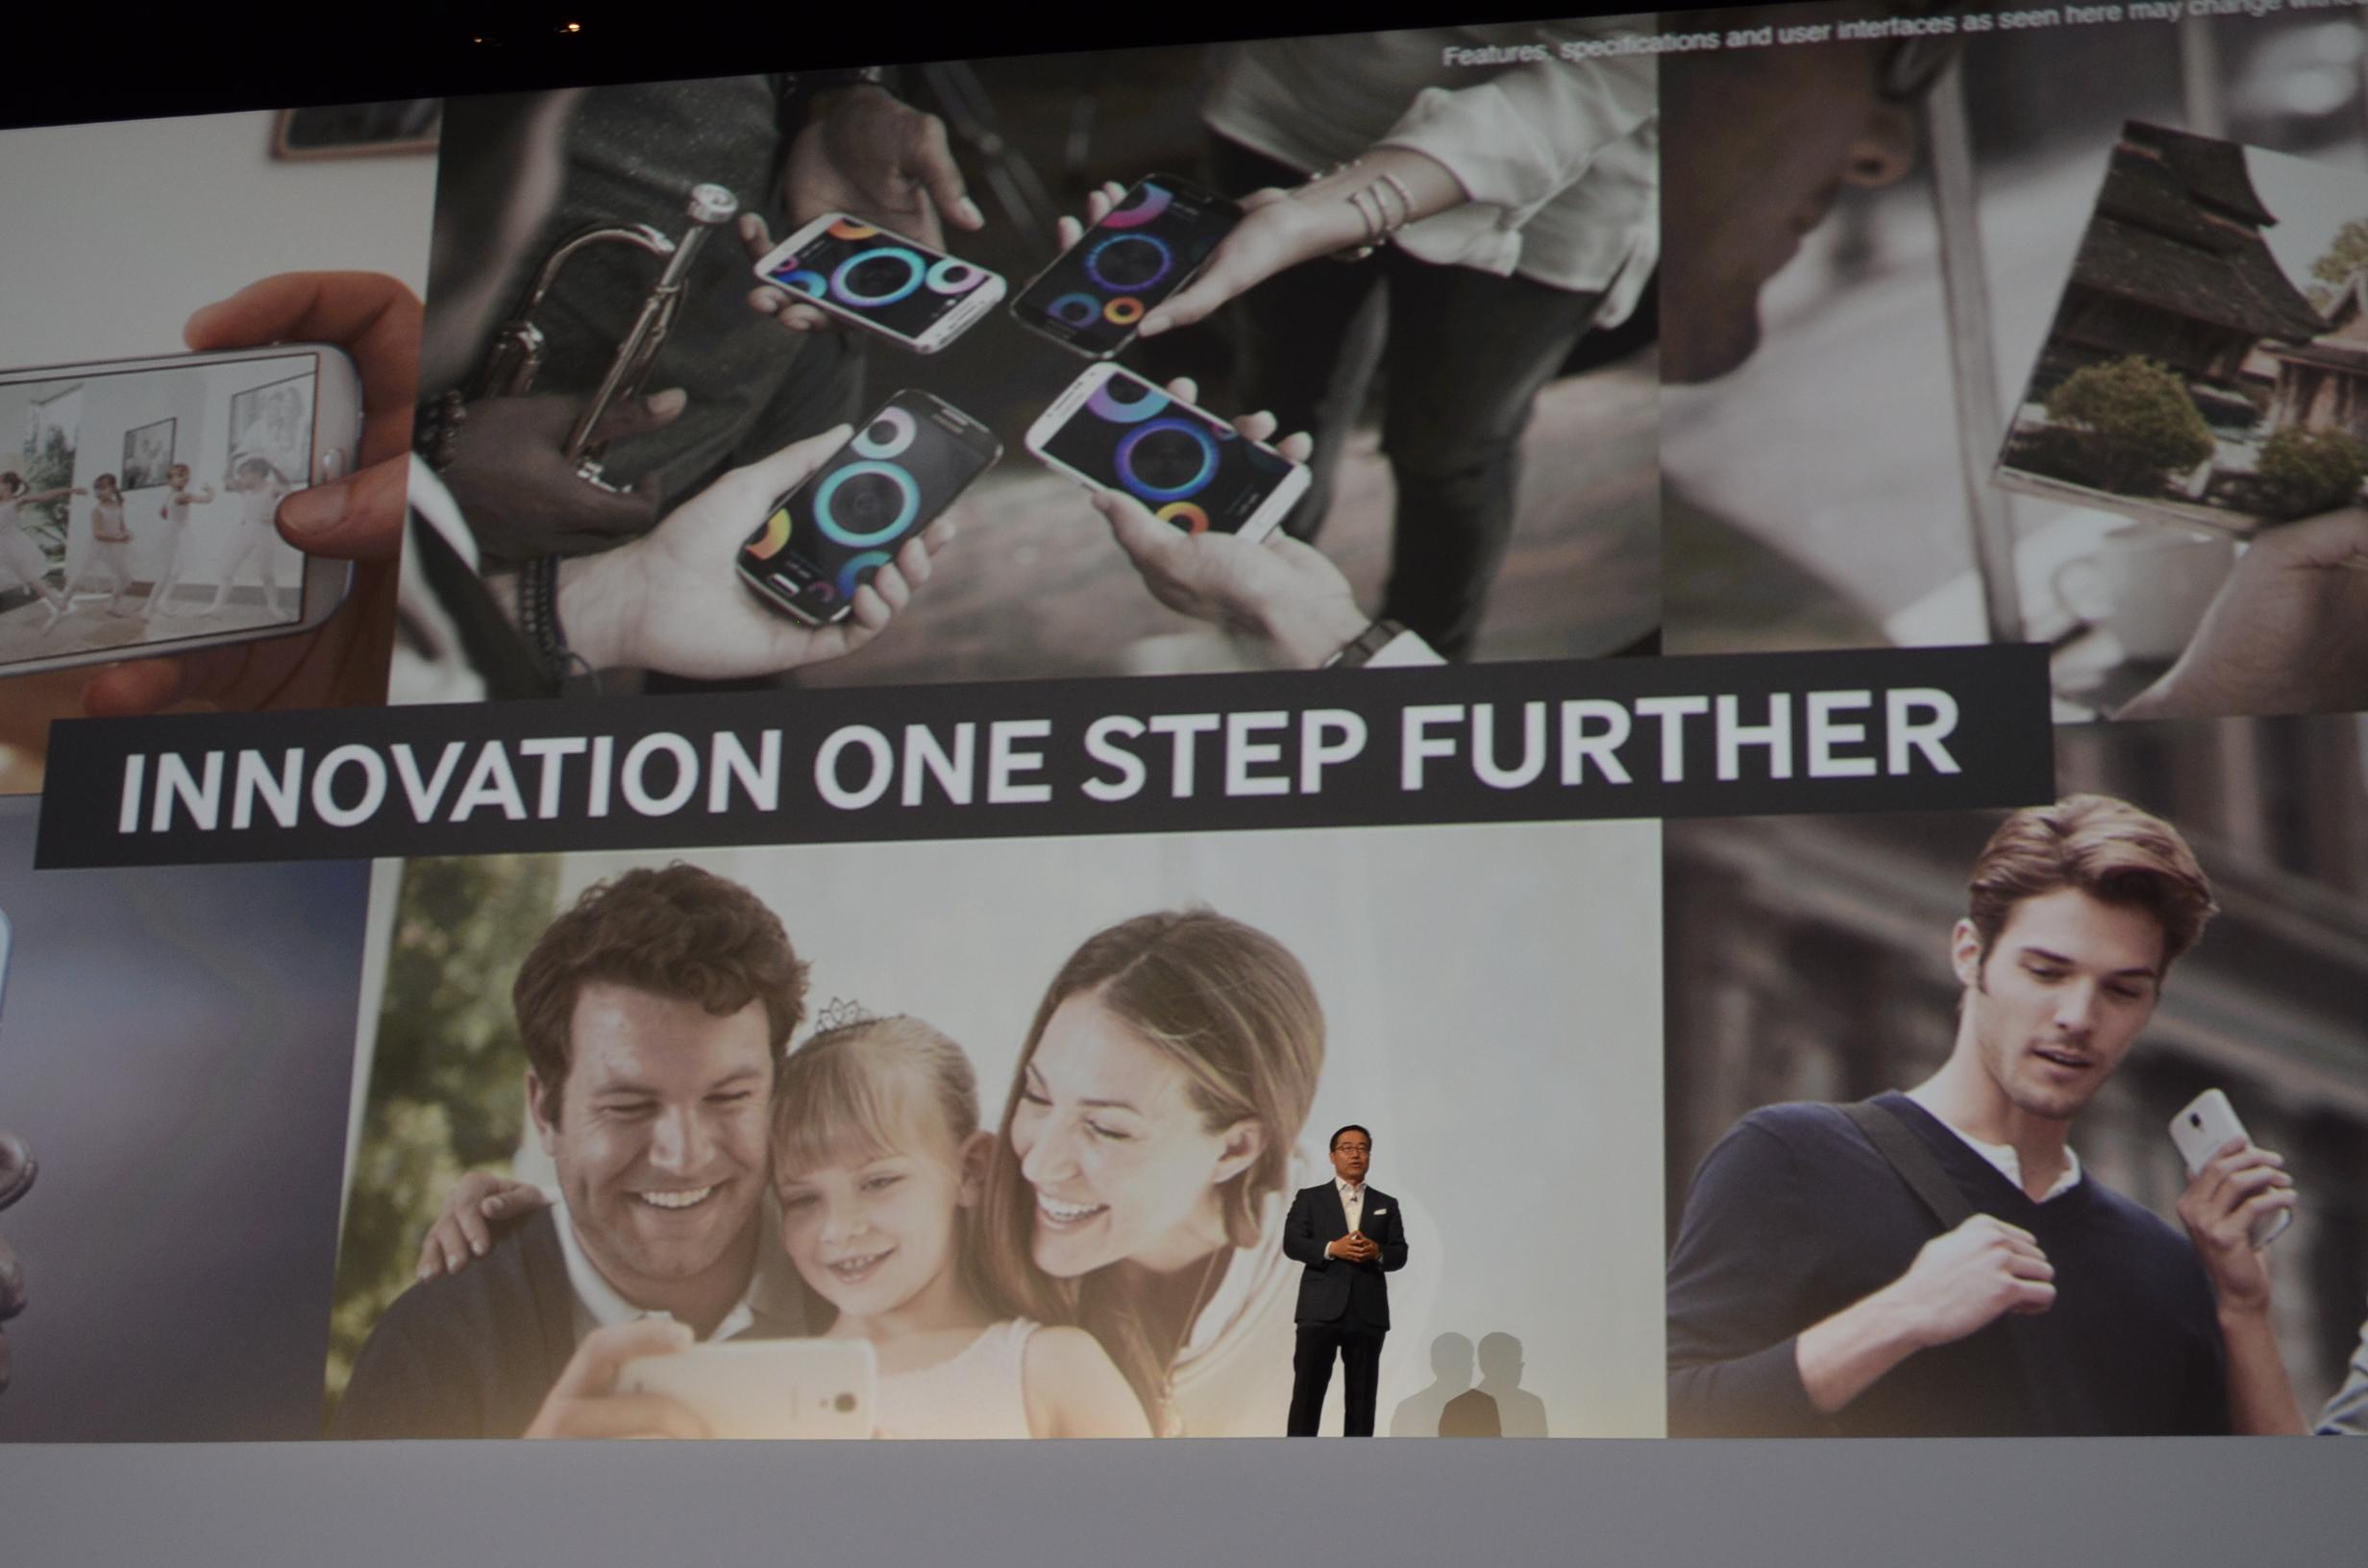 Samsung Premiere 2013 Event in der Nachbetrachtung